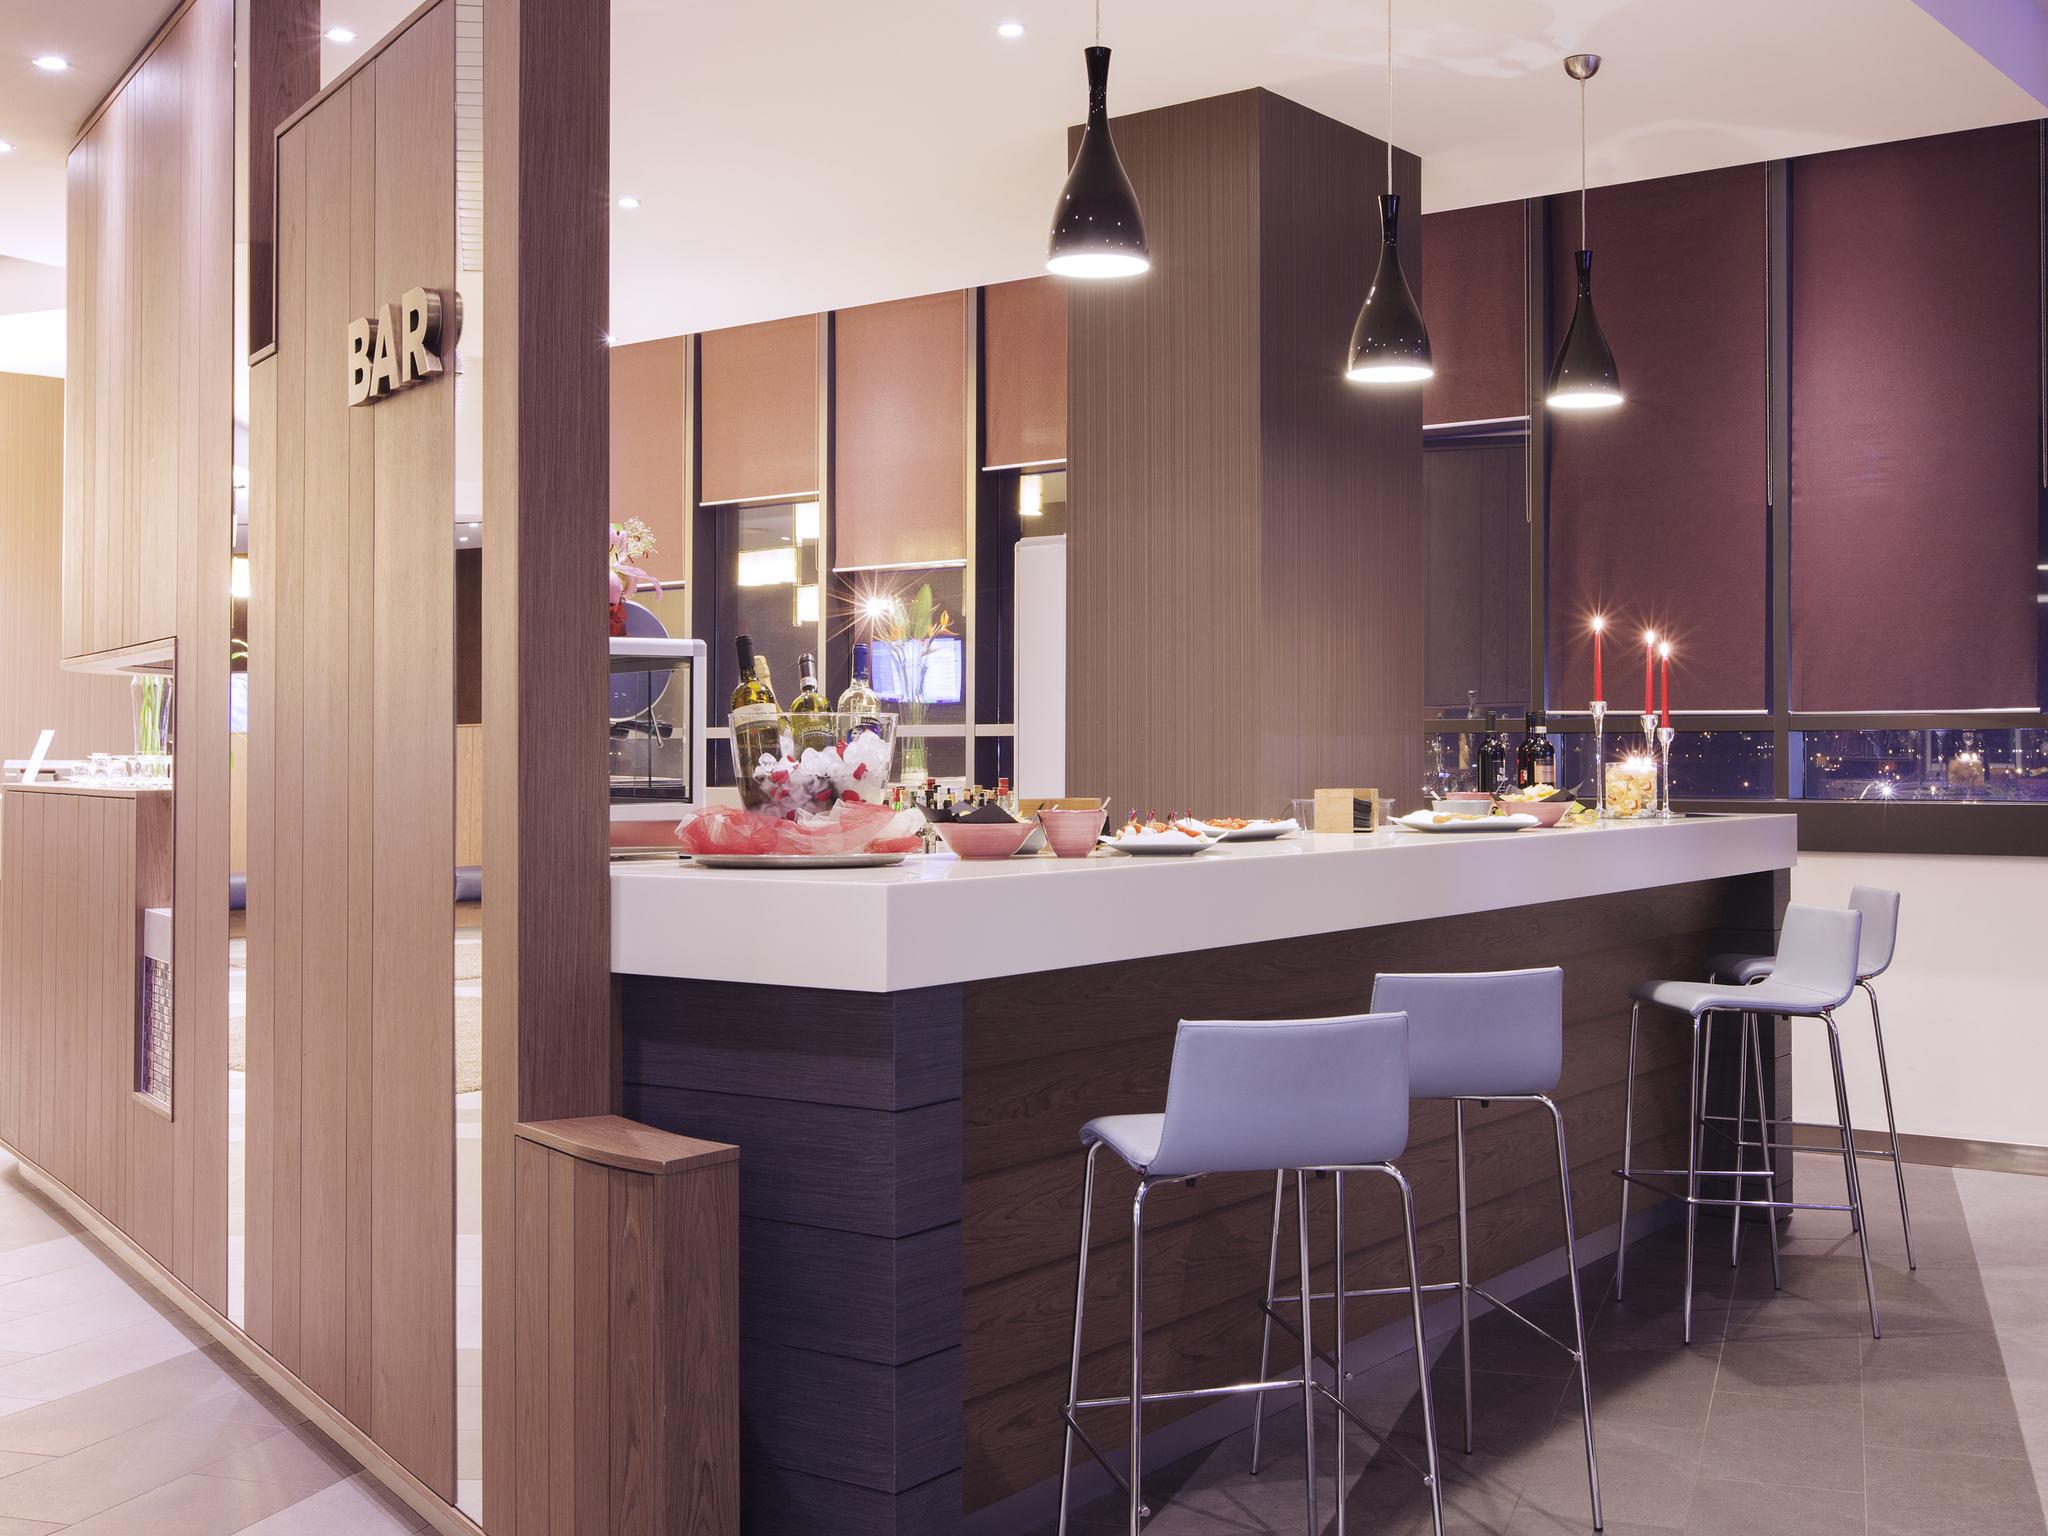 Hotel Ibis Style Eur Roma